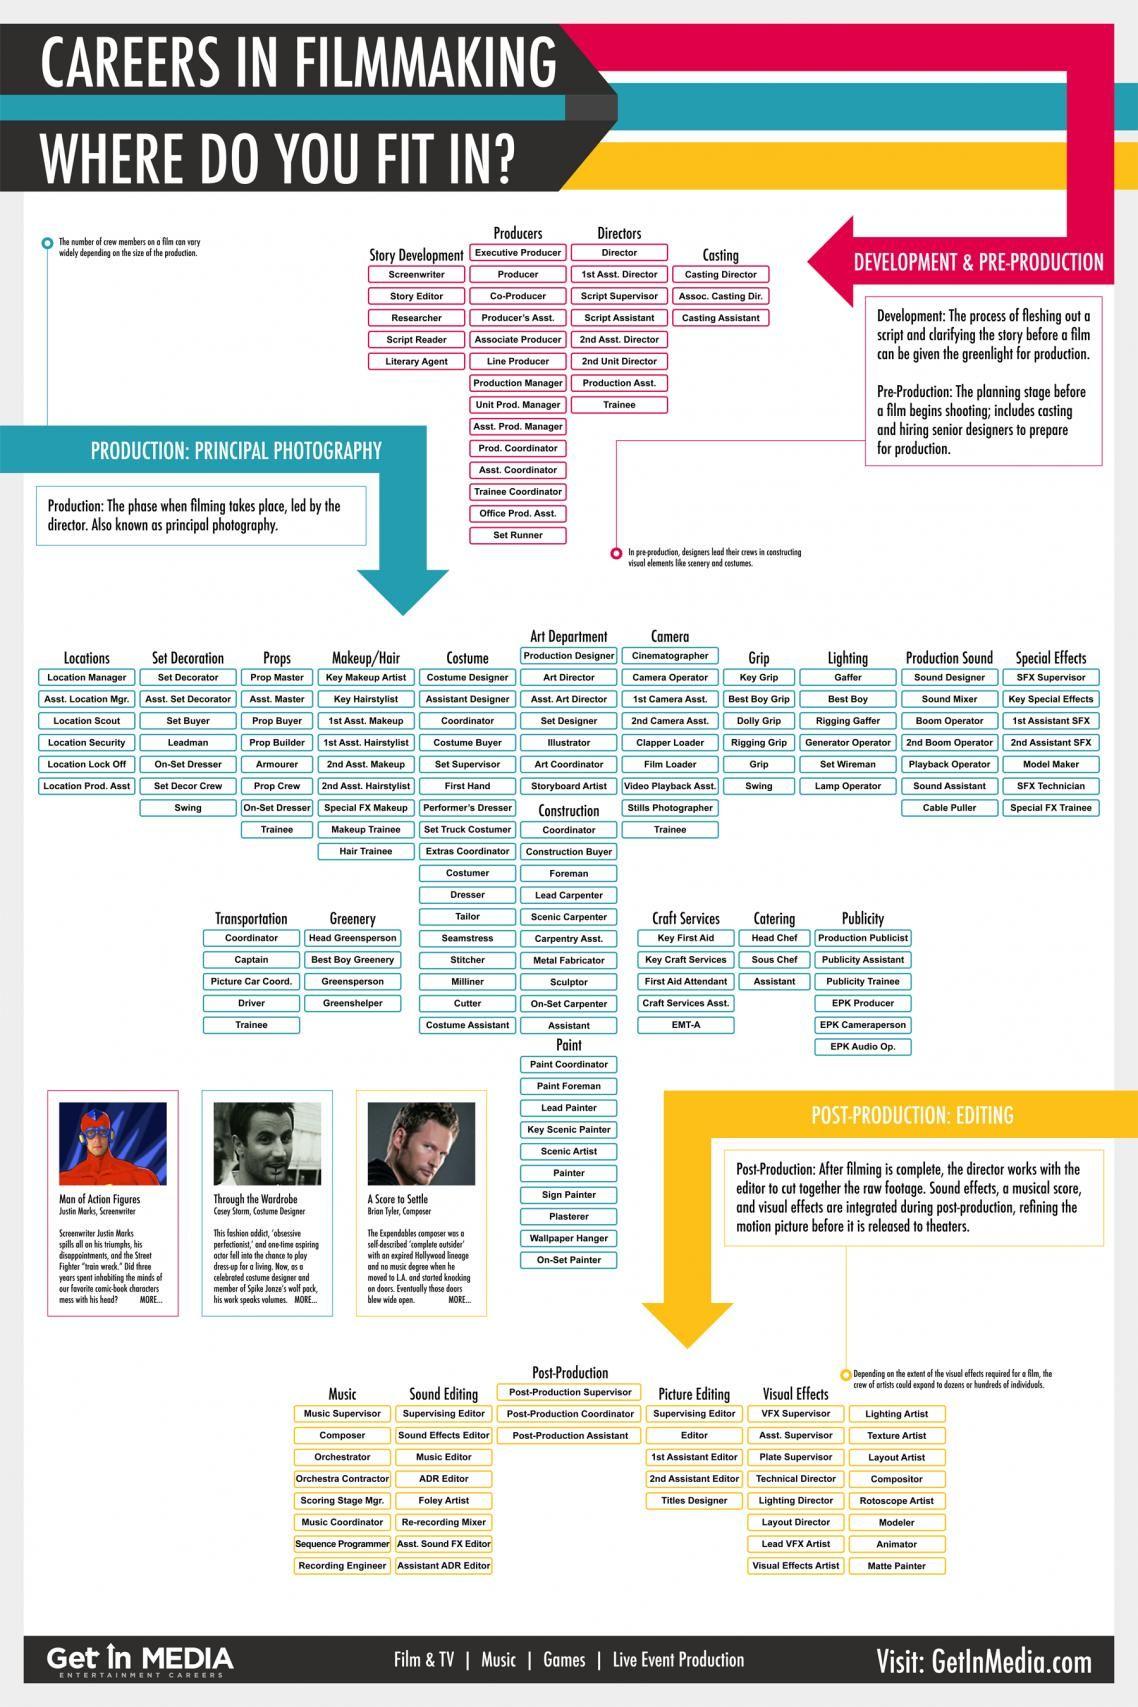 http://i.imgur.com/TnXt0Fb.jpg | Filmmaking, Film tips, Film industry